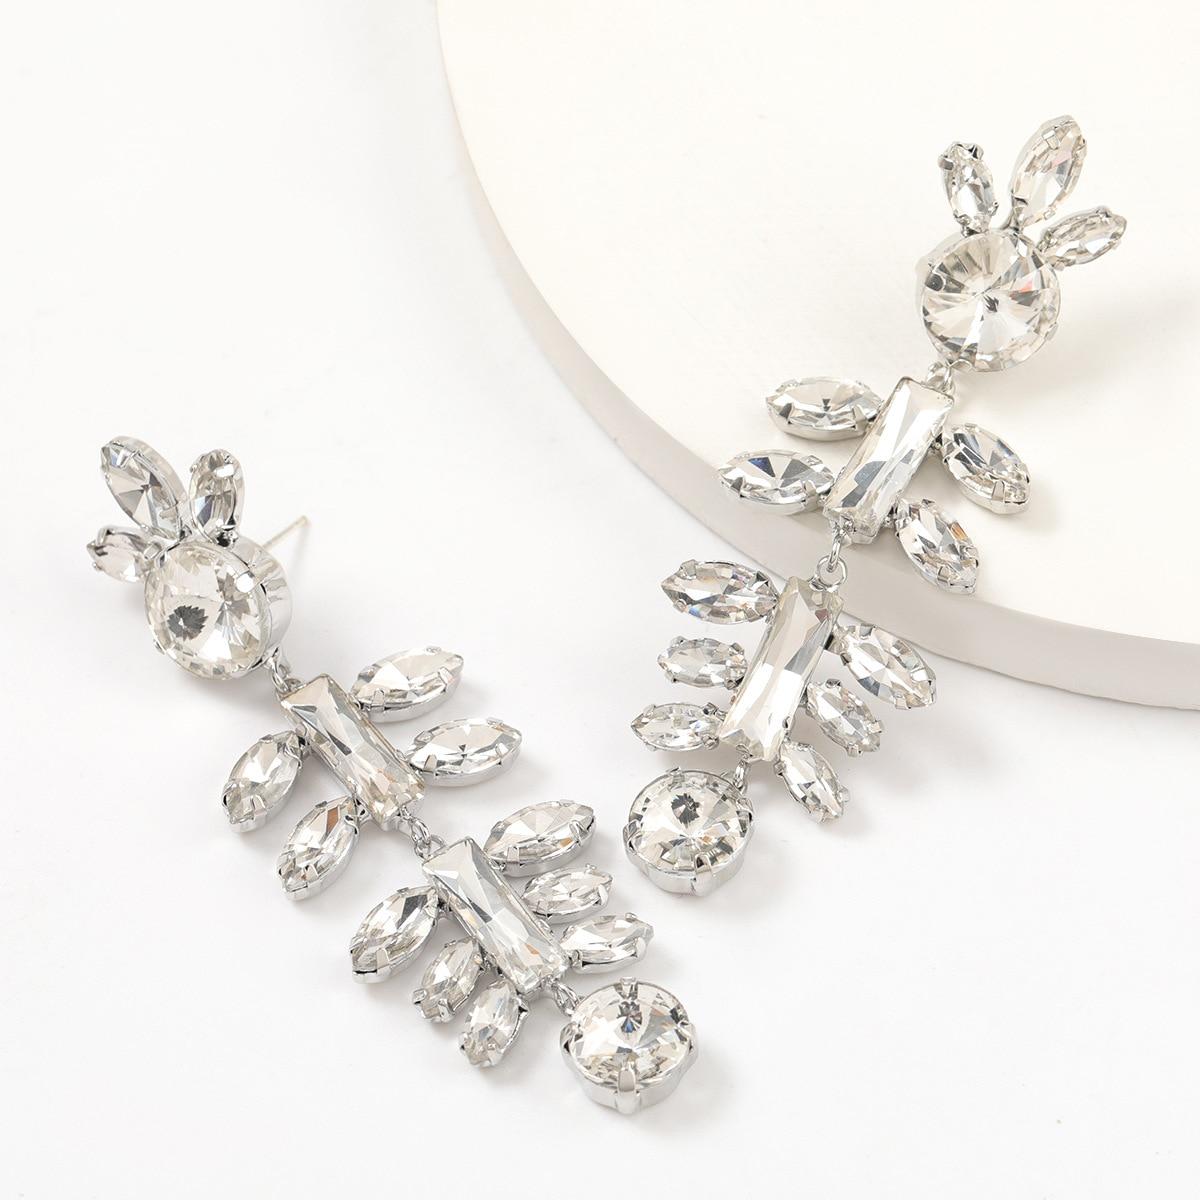 2021 nova exagerada metal strass flor balançar brincos populares festa criativa jóias acessórios femininos